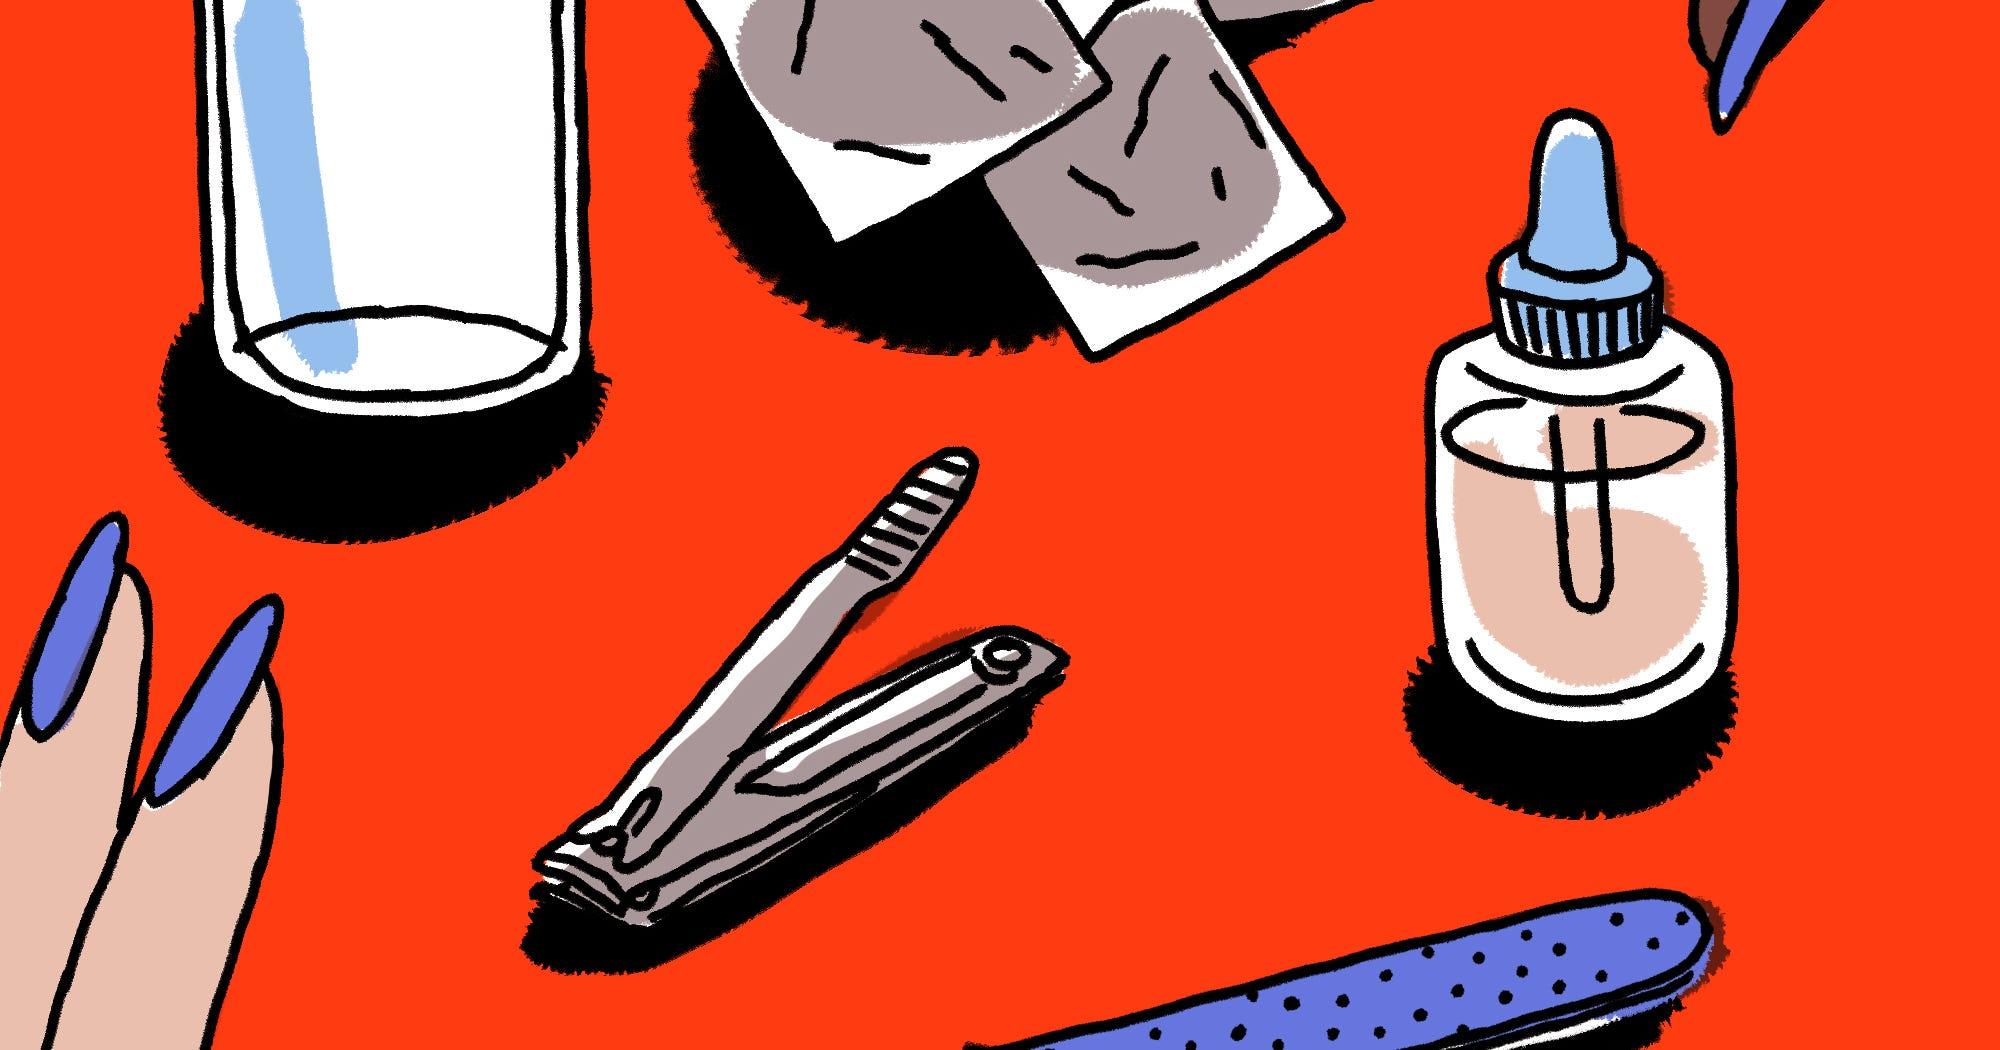 Tipps vom Profi: Eine Celebrity-Nagelpflegerin erklärt, wie du Gelnägel einfach zuhause entfernst